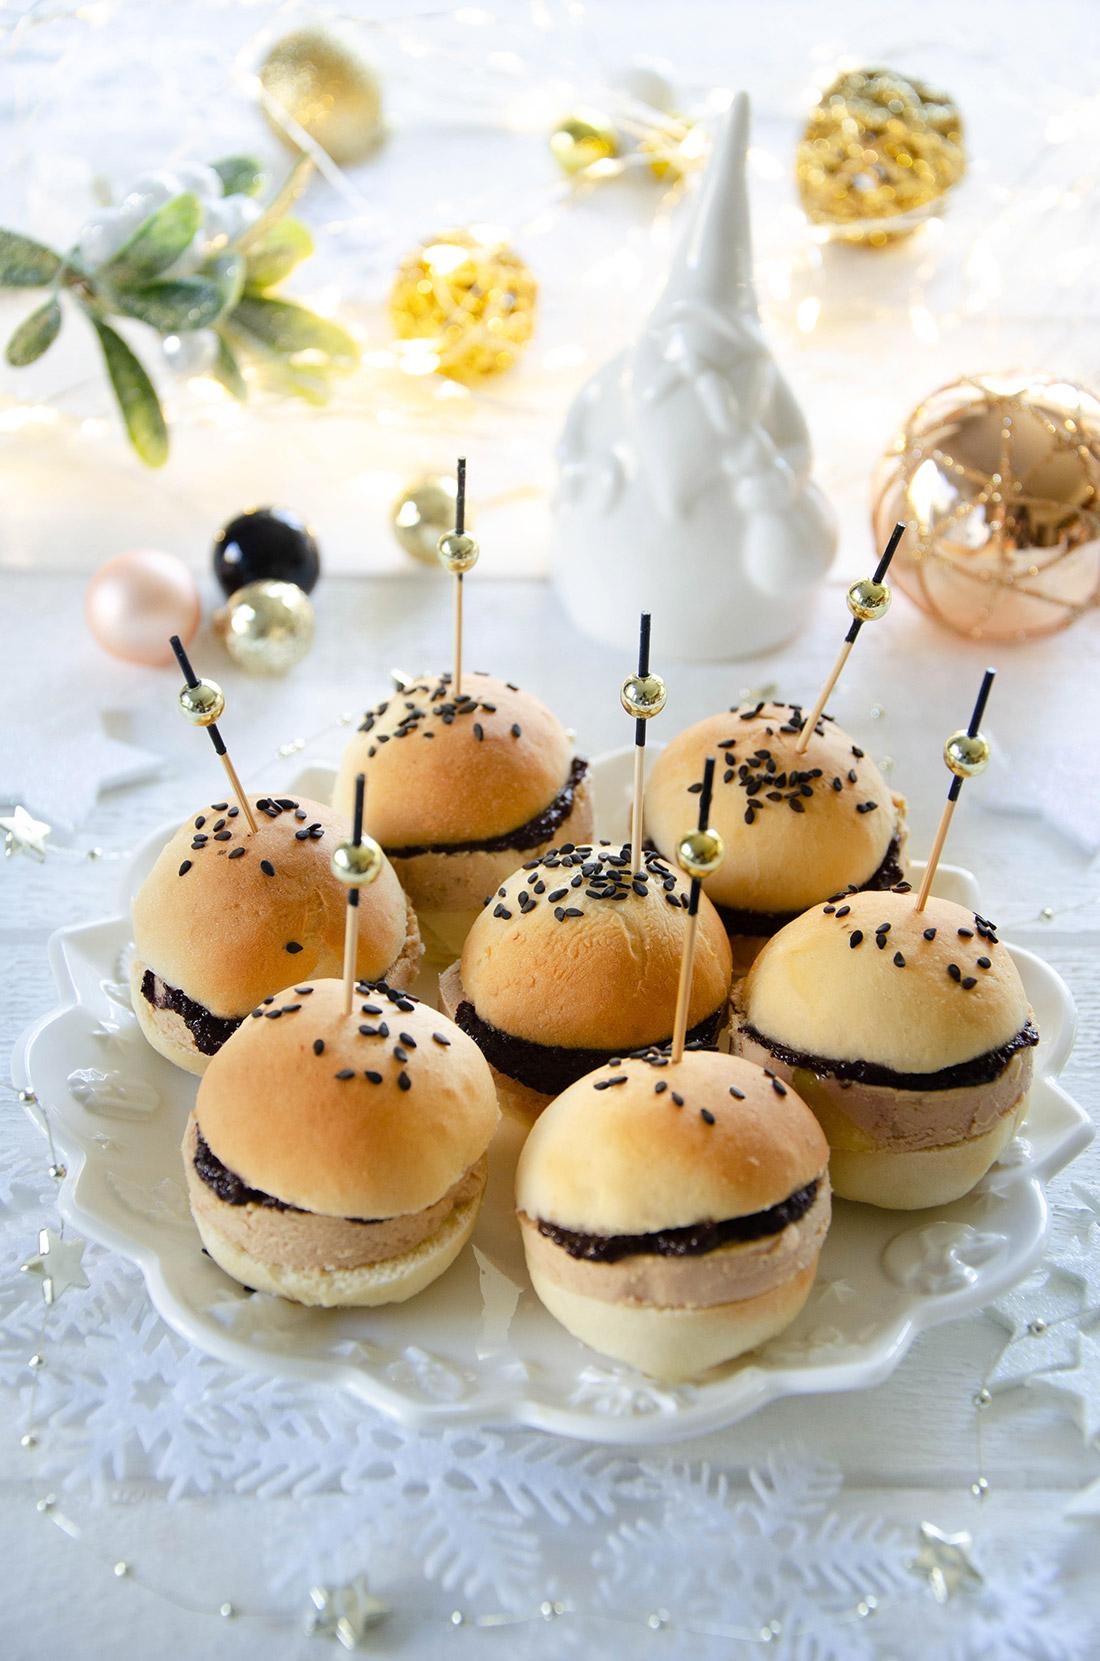 Mini burgers maison au foie gras et au confit'olives